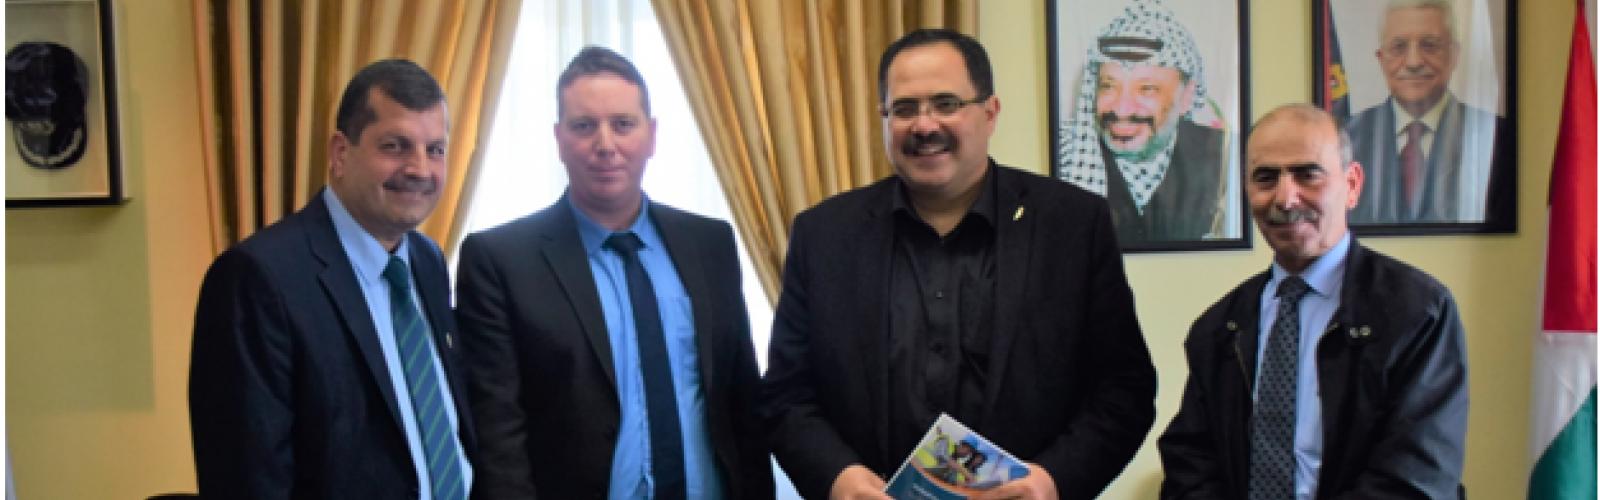 Palestine Polytechnic University (PPU) - وزير التربية والتعليم العالي يدعو للارتقاء بالسلامة والصحة المدرسية بالتعاون مع المركز الوطني الفلسطيني للسلامة والصحة المهنية وحماية البيئة في جامعة بوليتكنك فلسطين